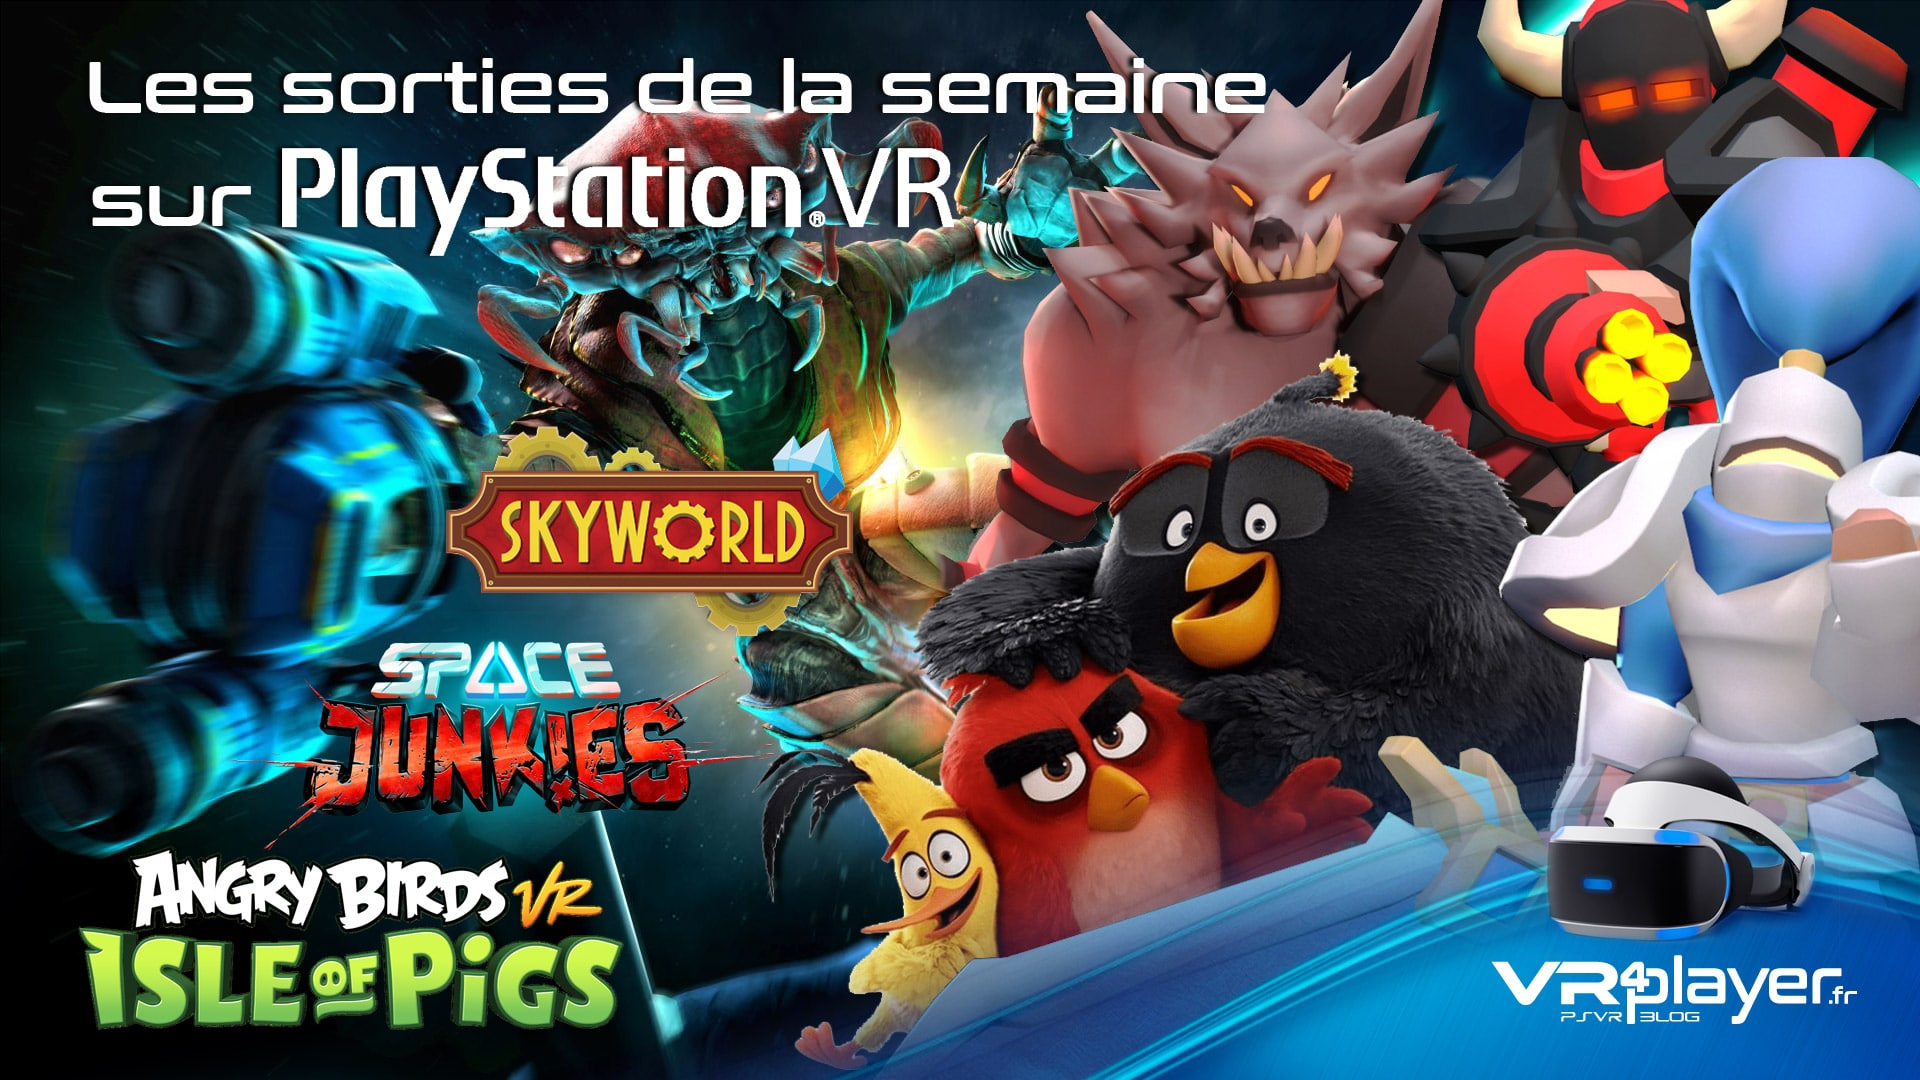 les sorties de la semaine sur PlayStation VR - vr4player.fr